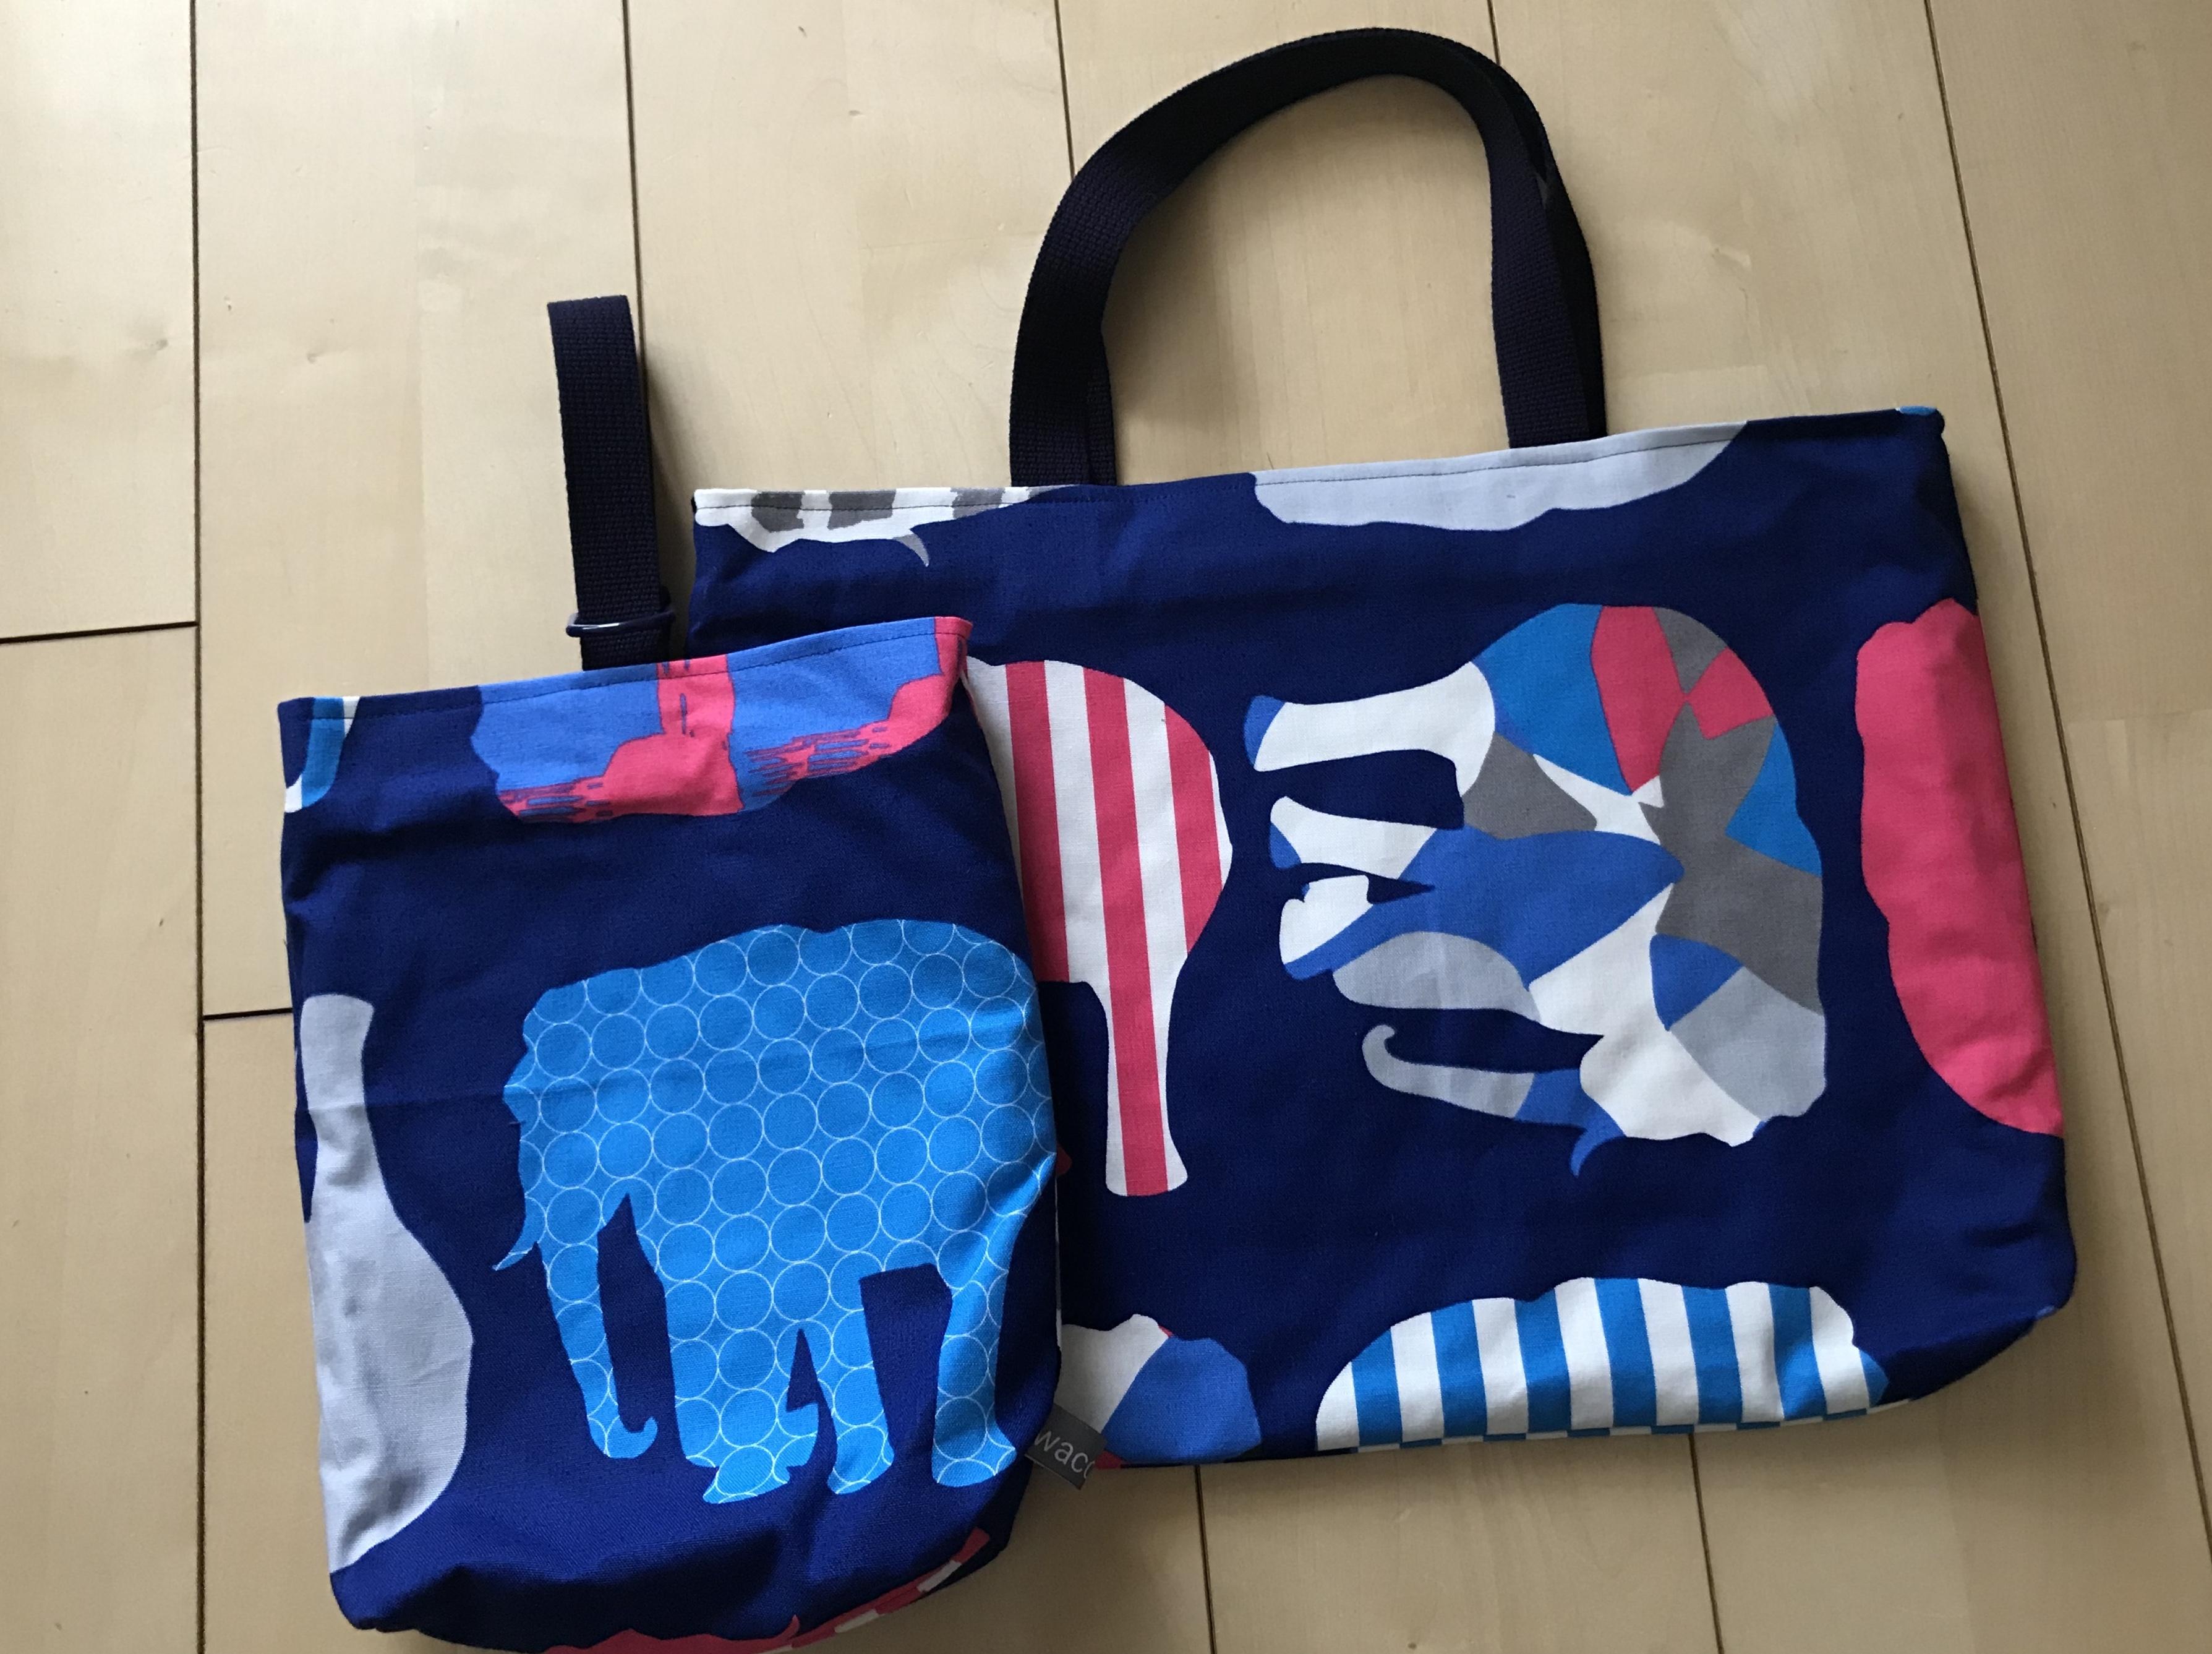 入園グッズ/手提げ鞄と上履き入れ/象柄A